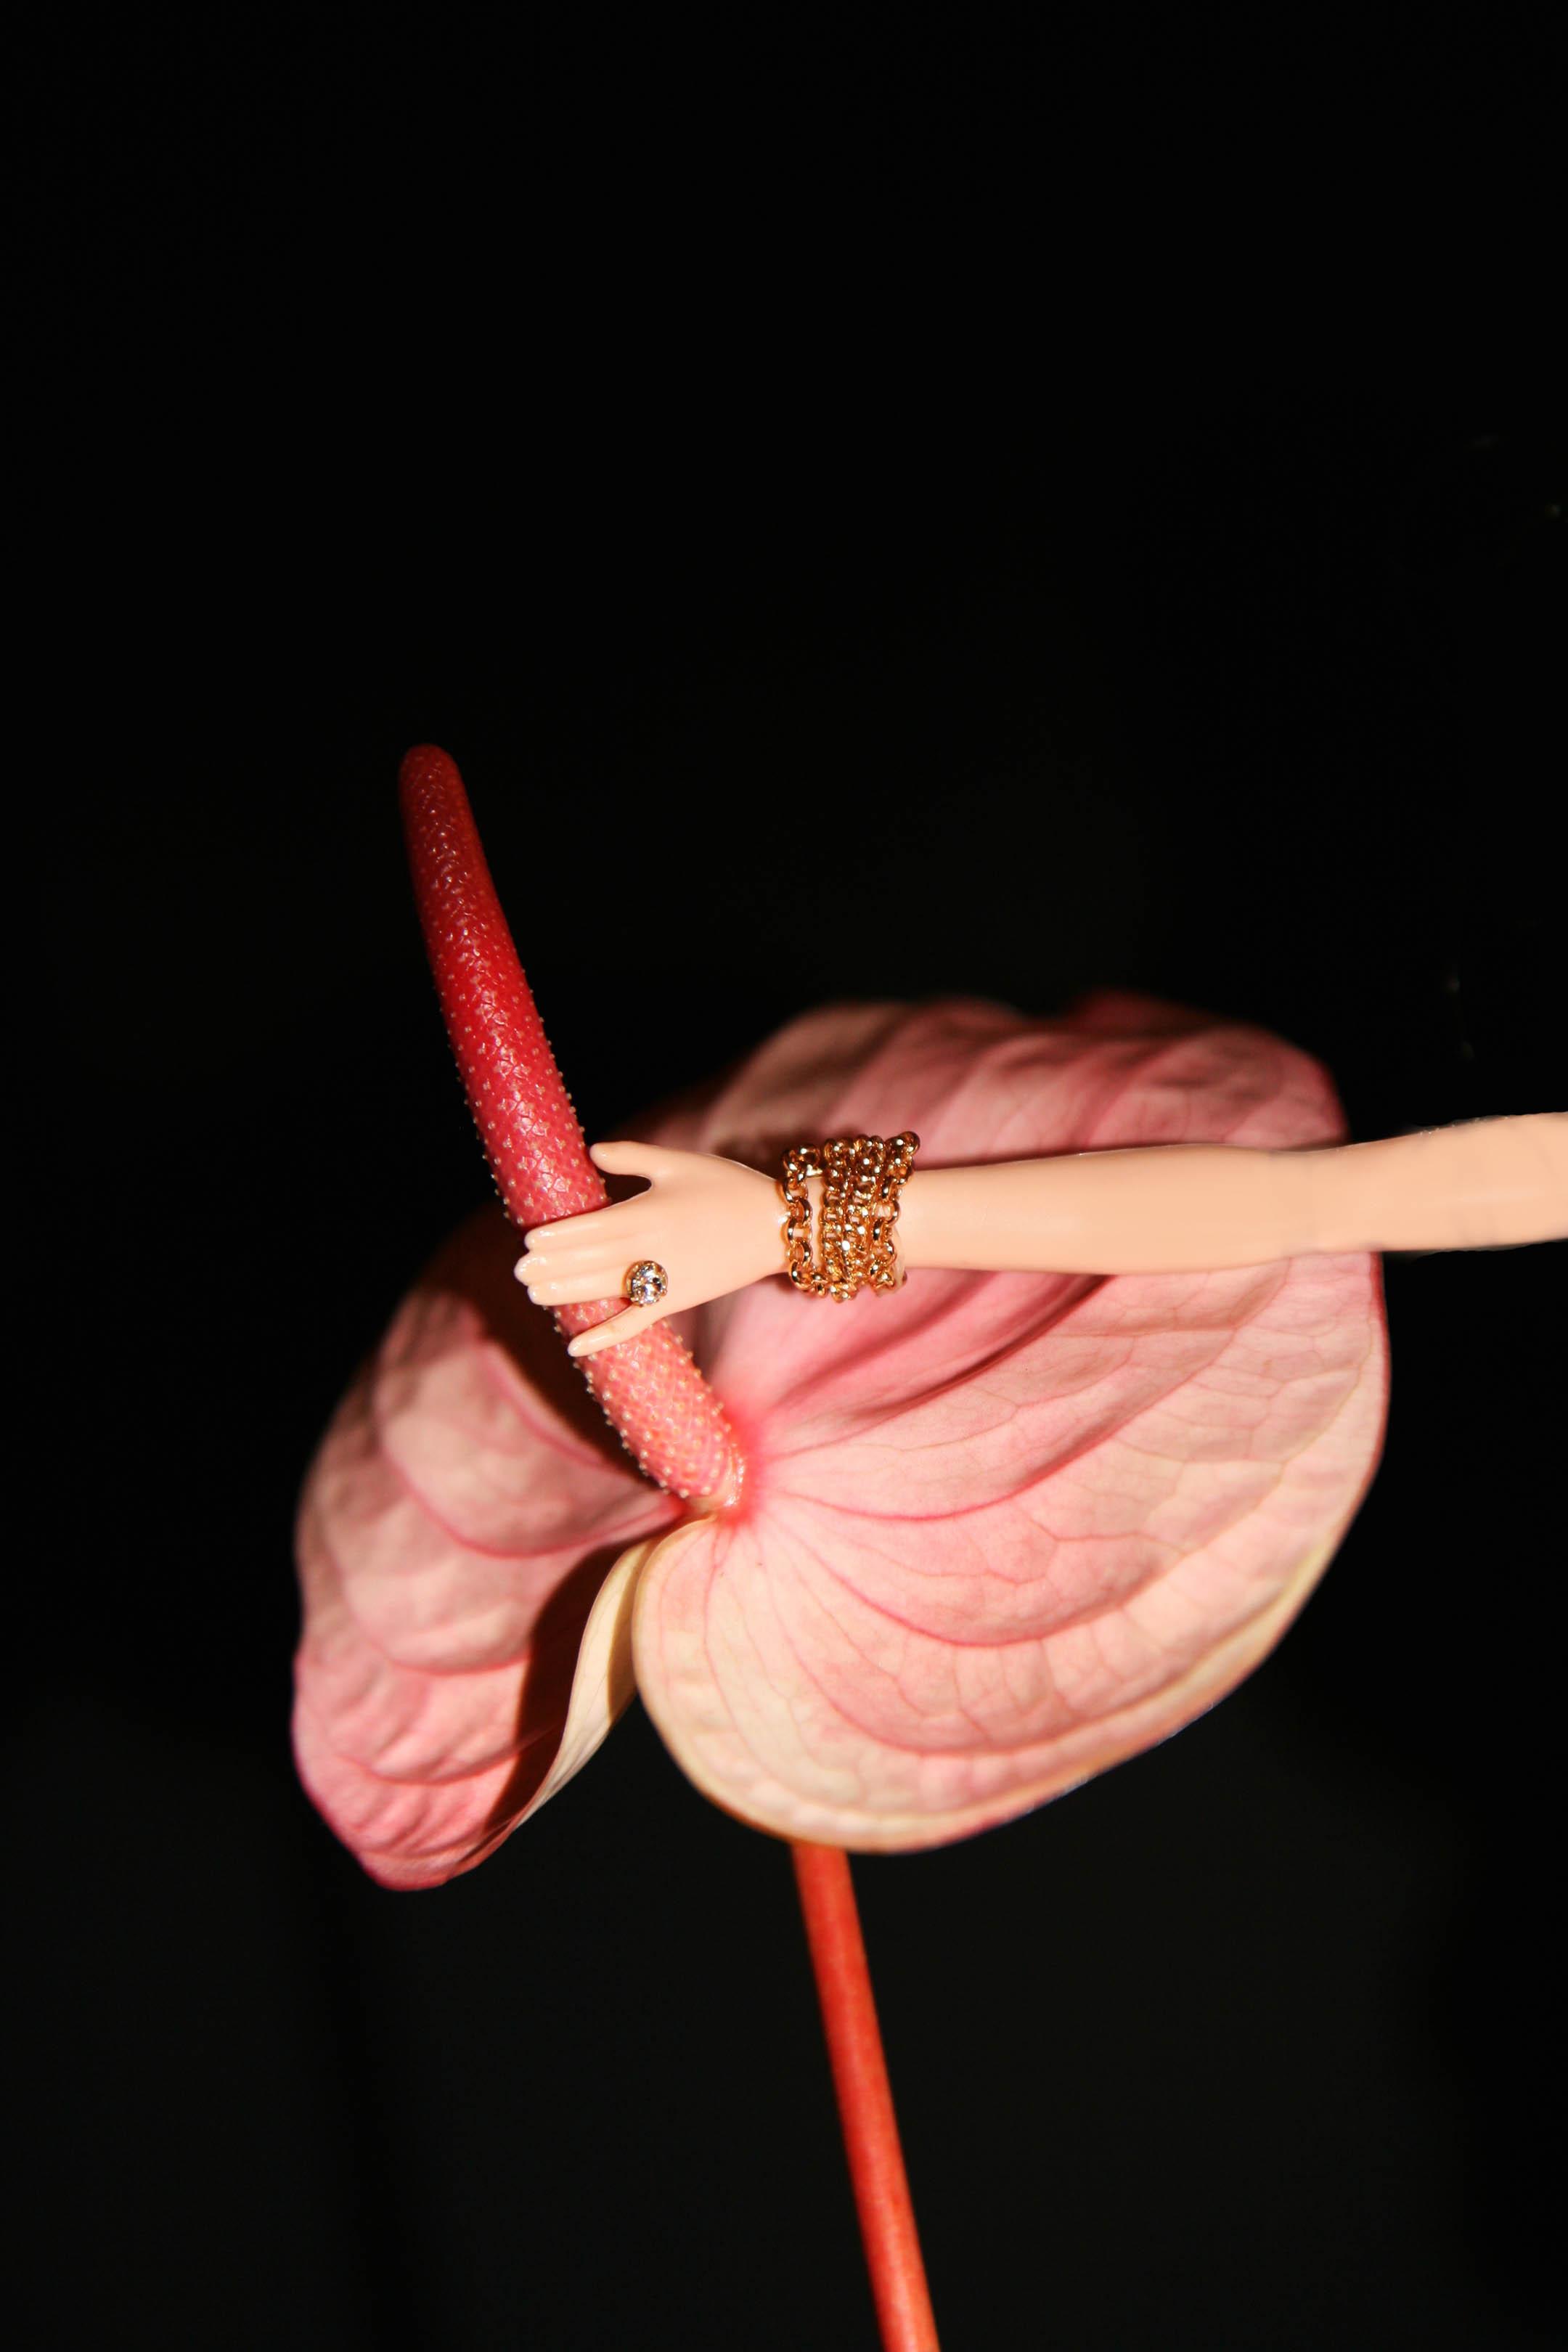 Ceci n'est pas une fleur